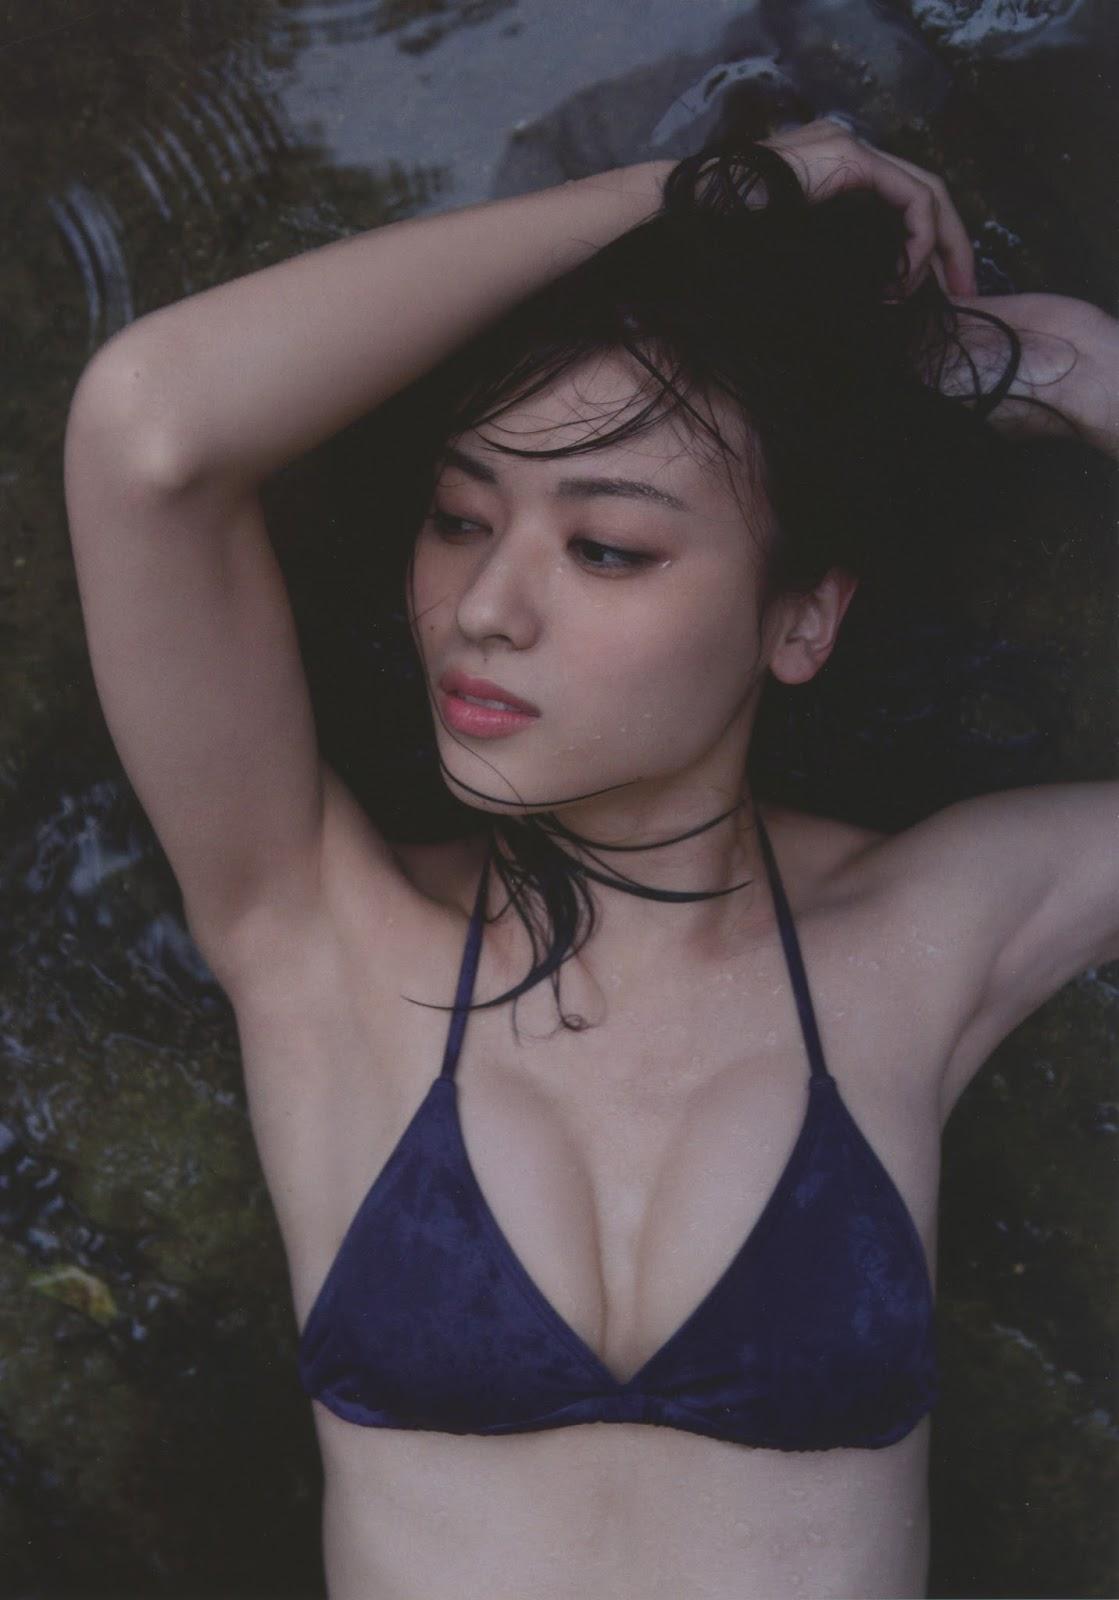 写真集「Nobody knows 23」水着姿の矢島舞美